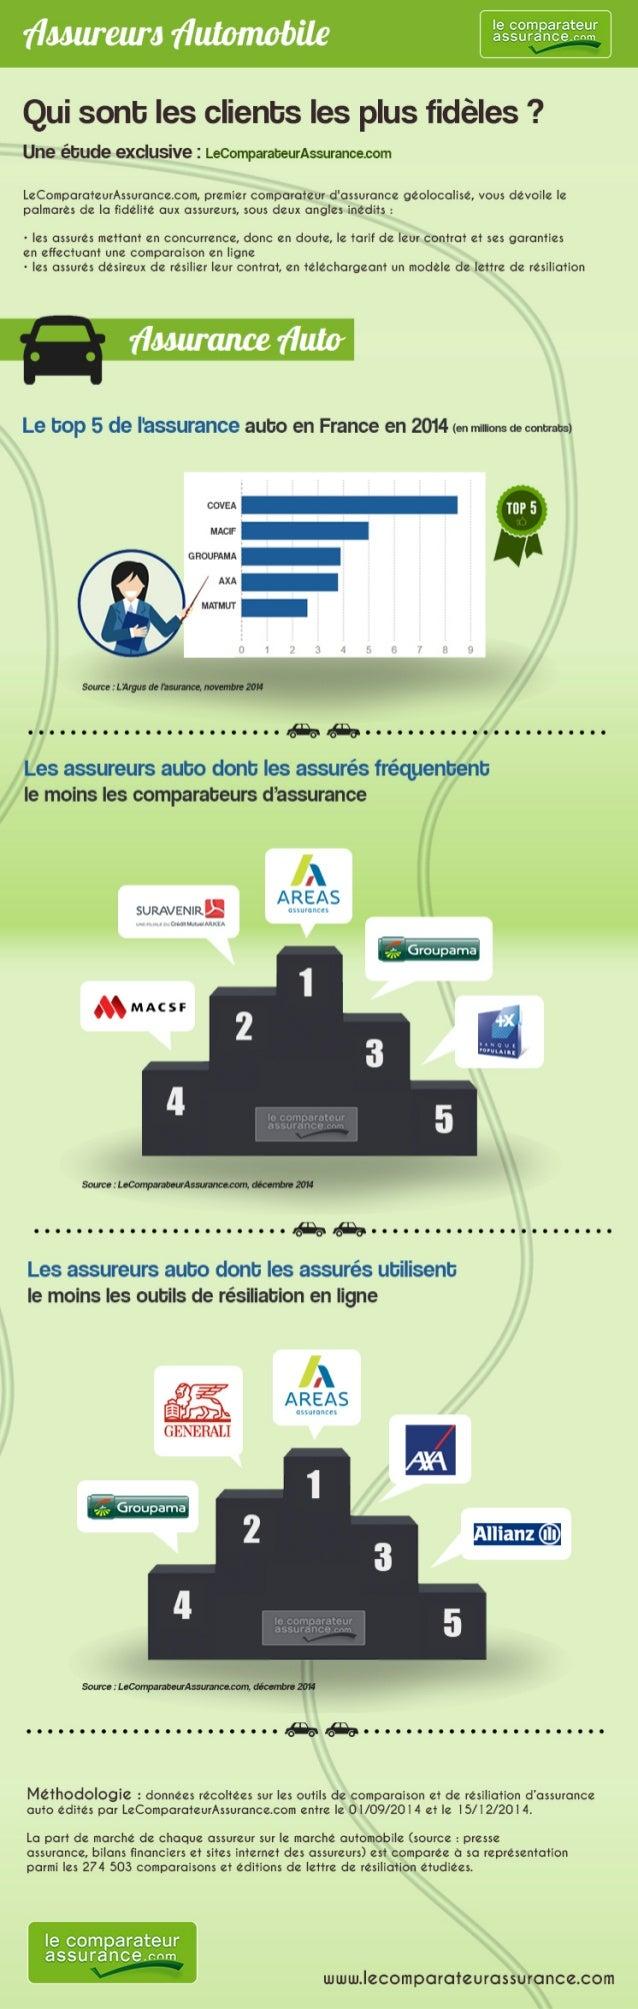 Enquête exclusive : les Français sont-ils fidèles à leur assureur auto ?